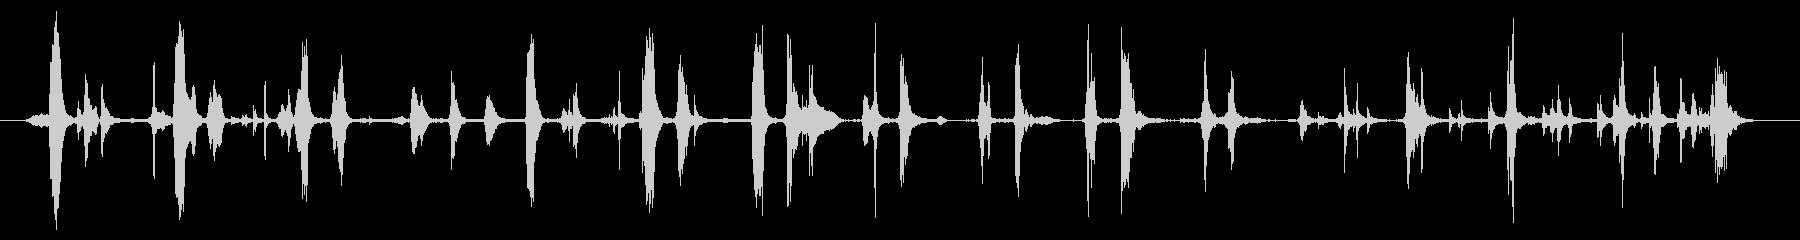 ラスティメタルホイールクランク:タ...の未再生の波形